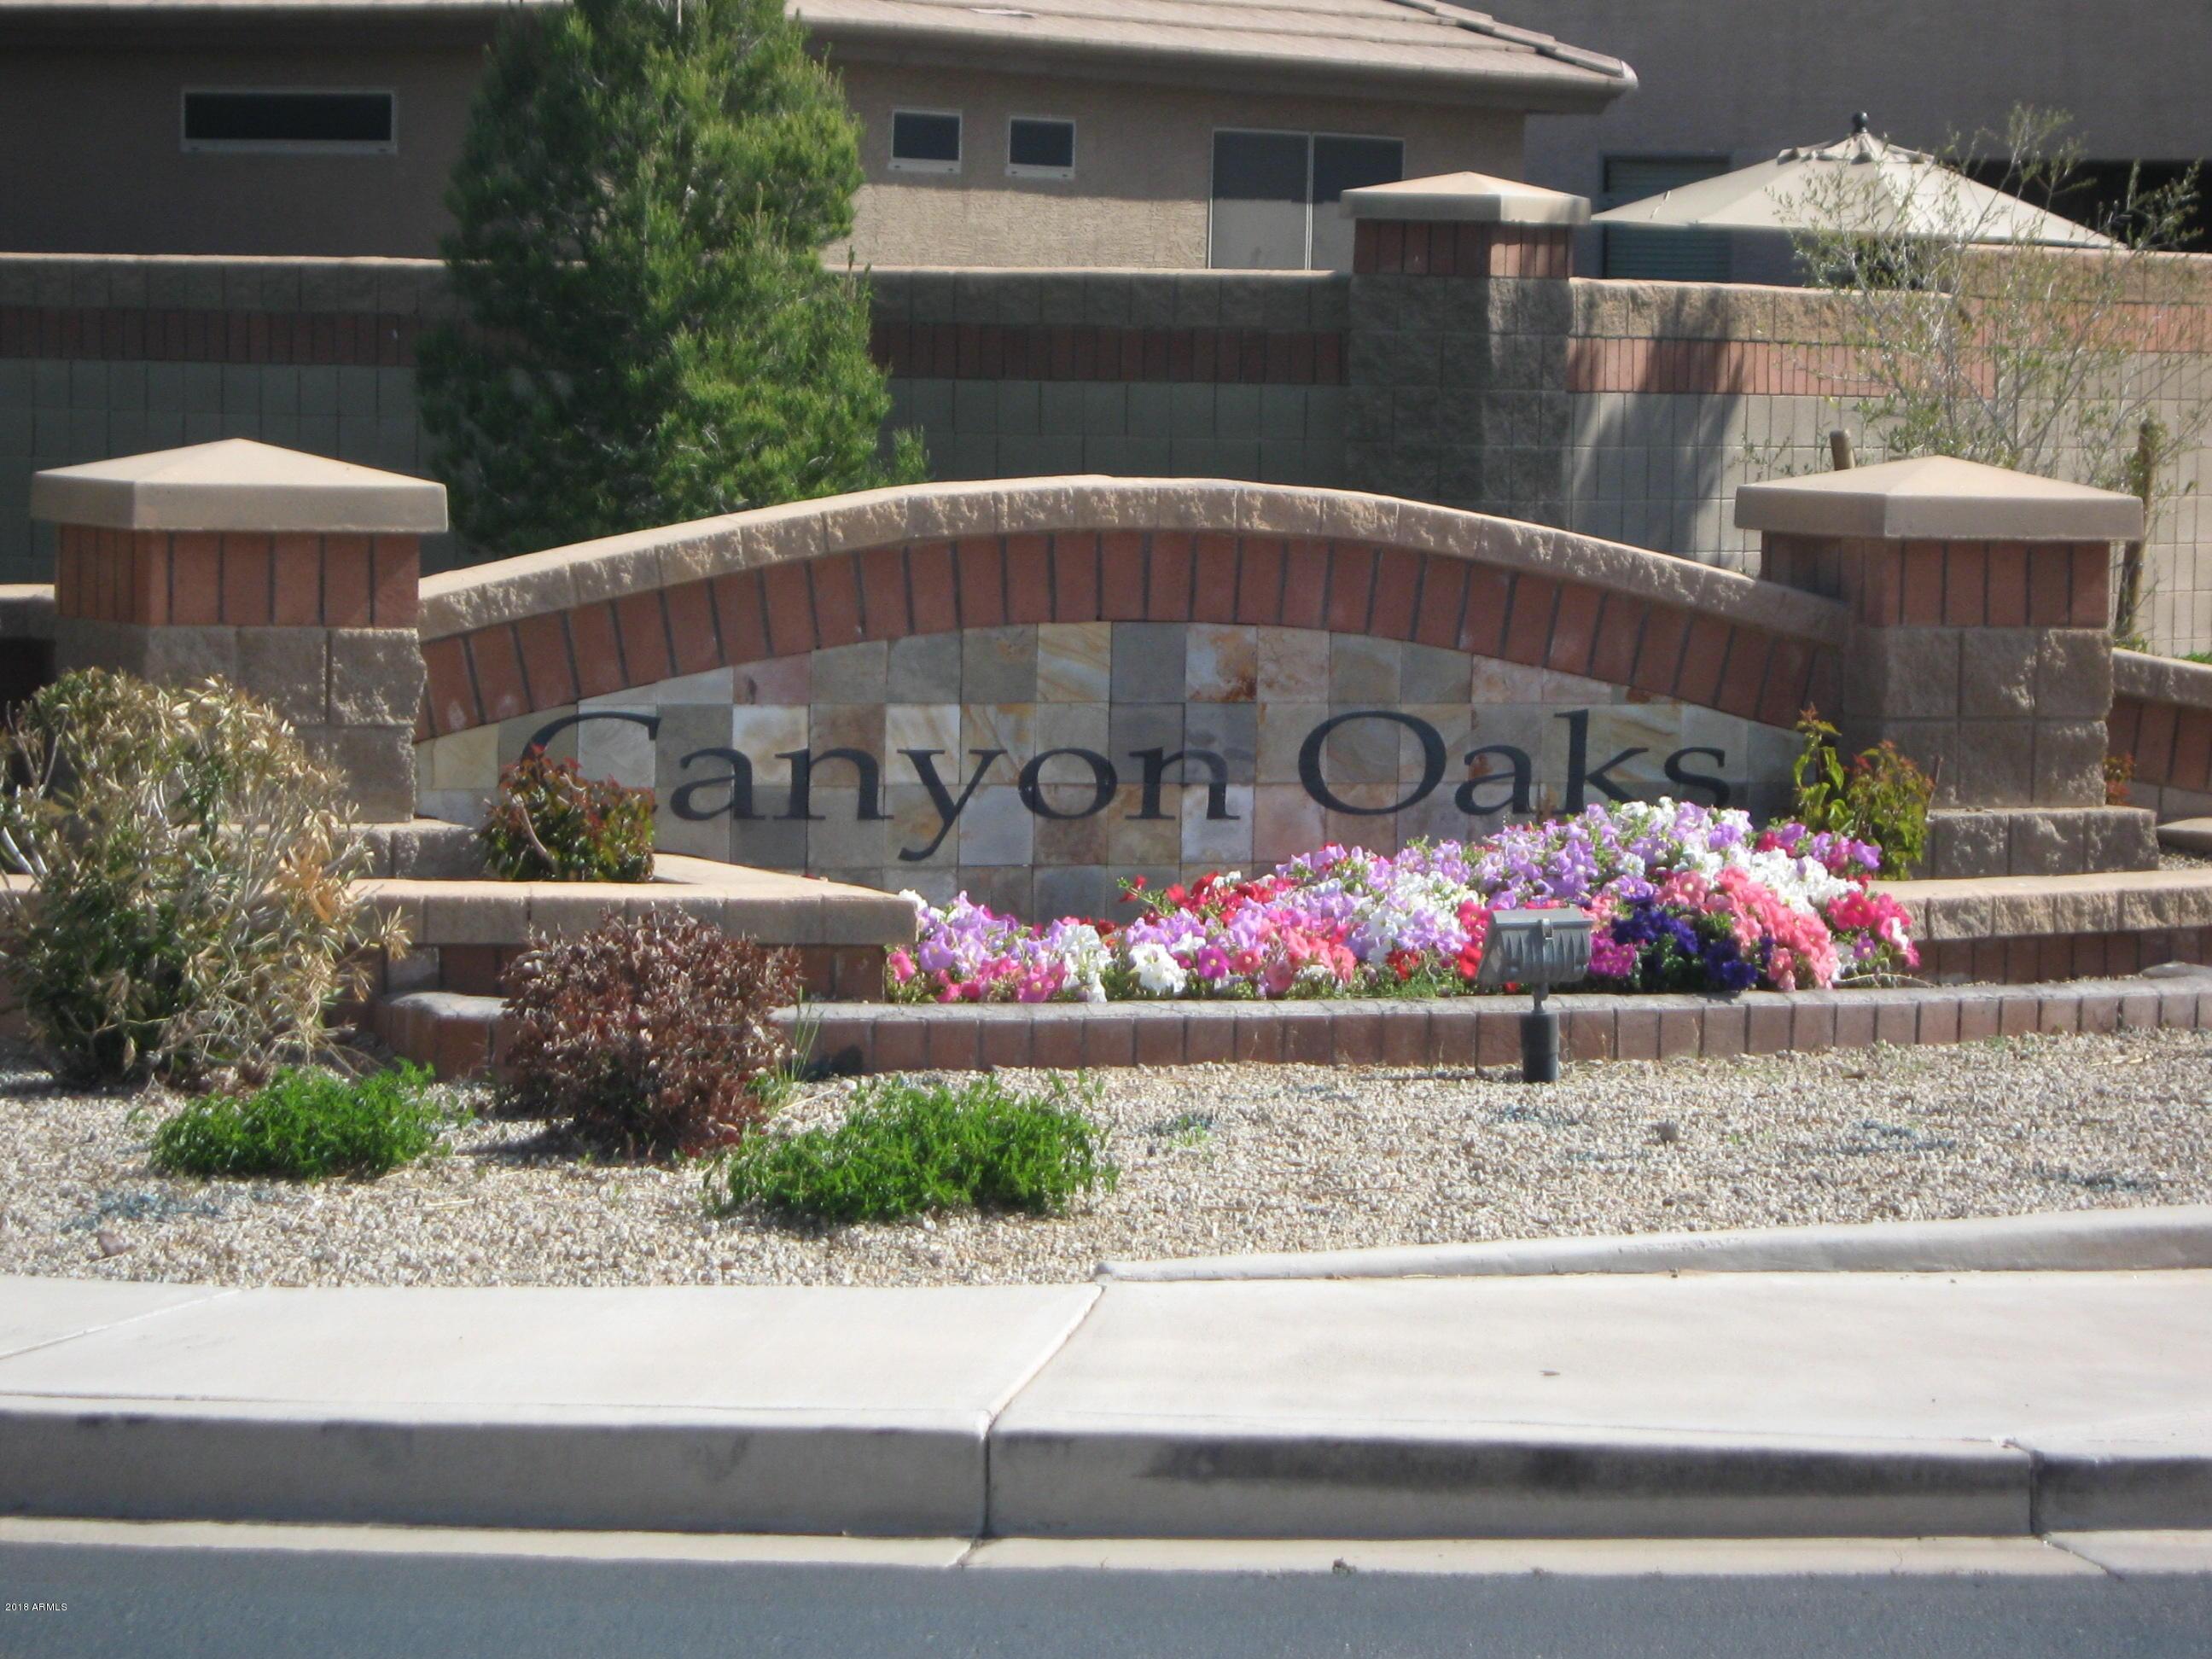 MLS 5855193 1949 E HAWKEN Place, Chandler, AZ 85286 Chandler AZ Canyon Oaks Estates